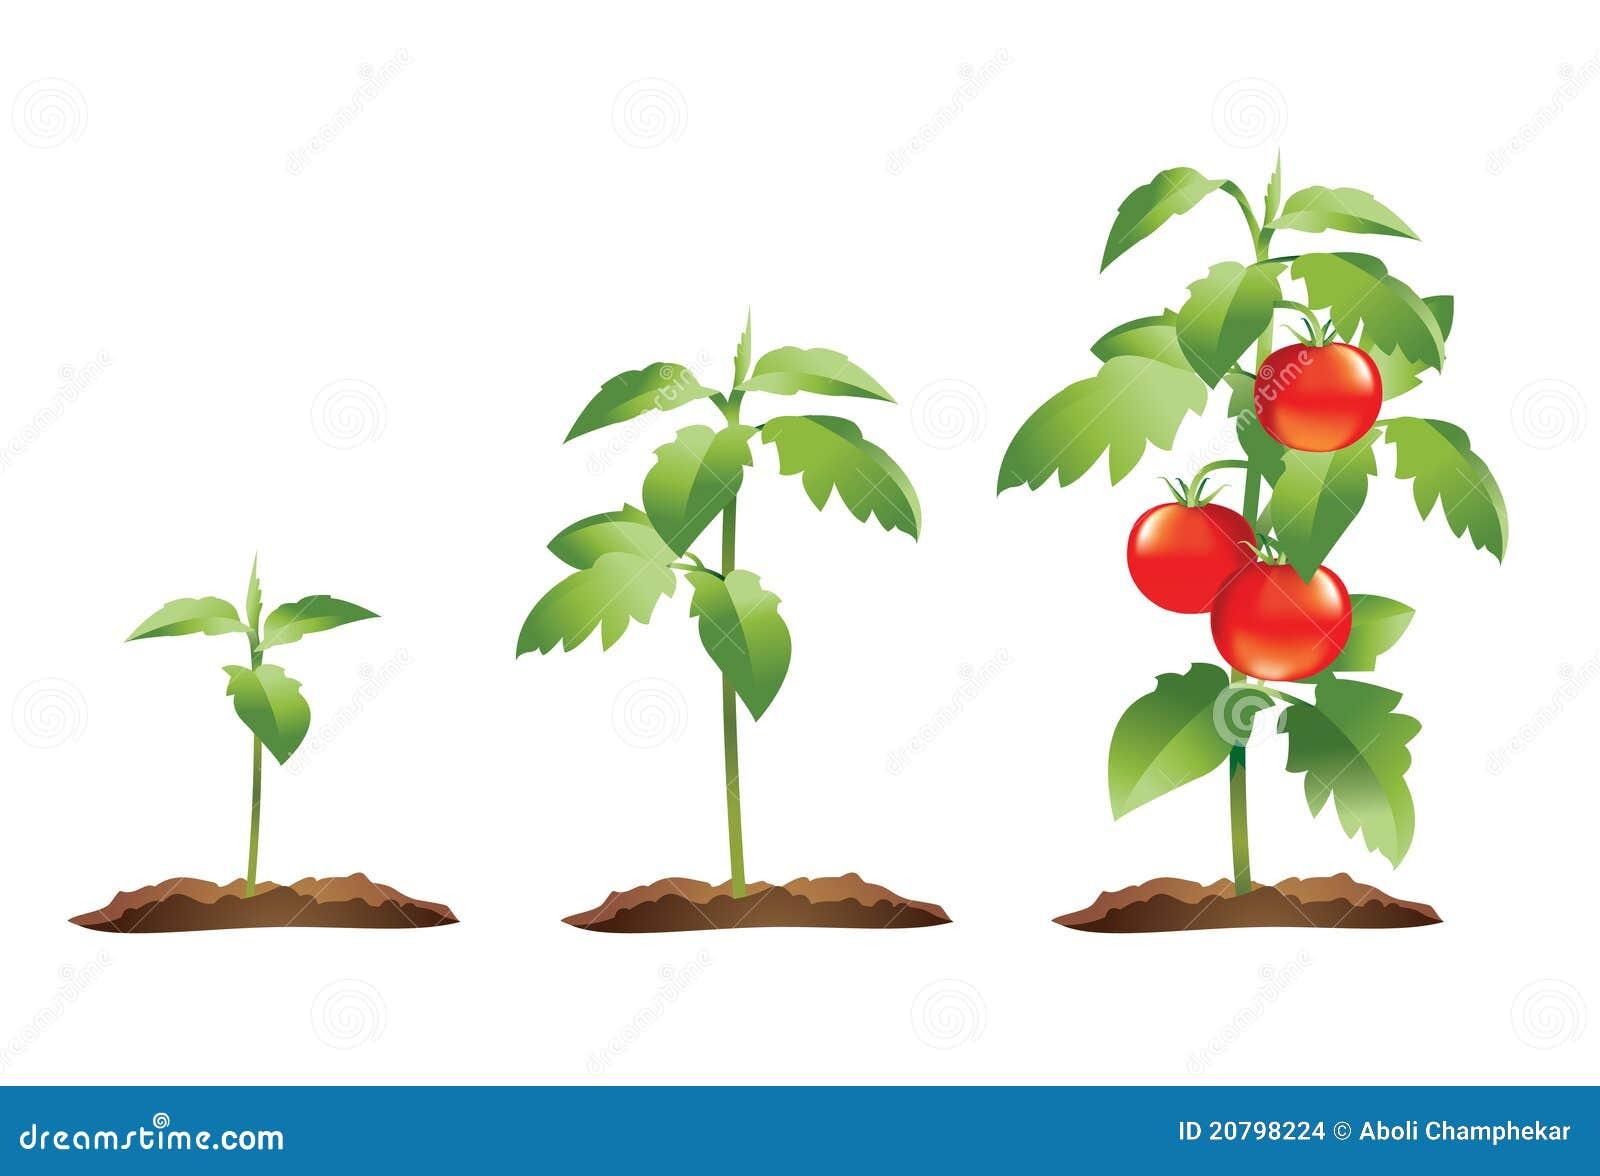 Ciclo de crescimento da planta do tomate